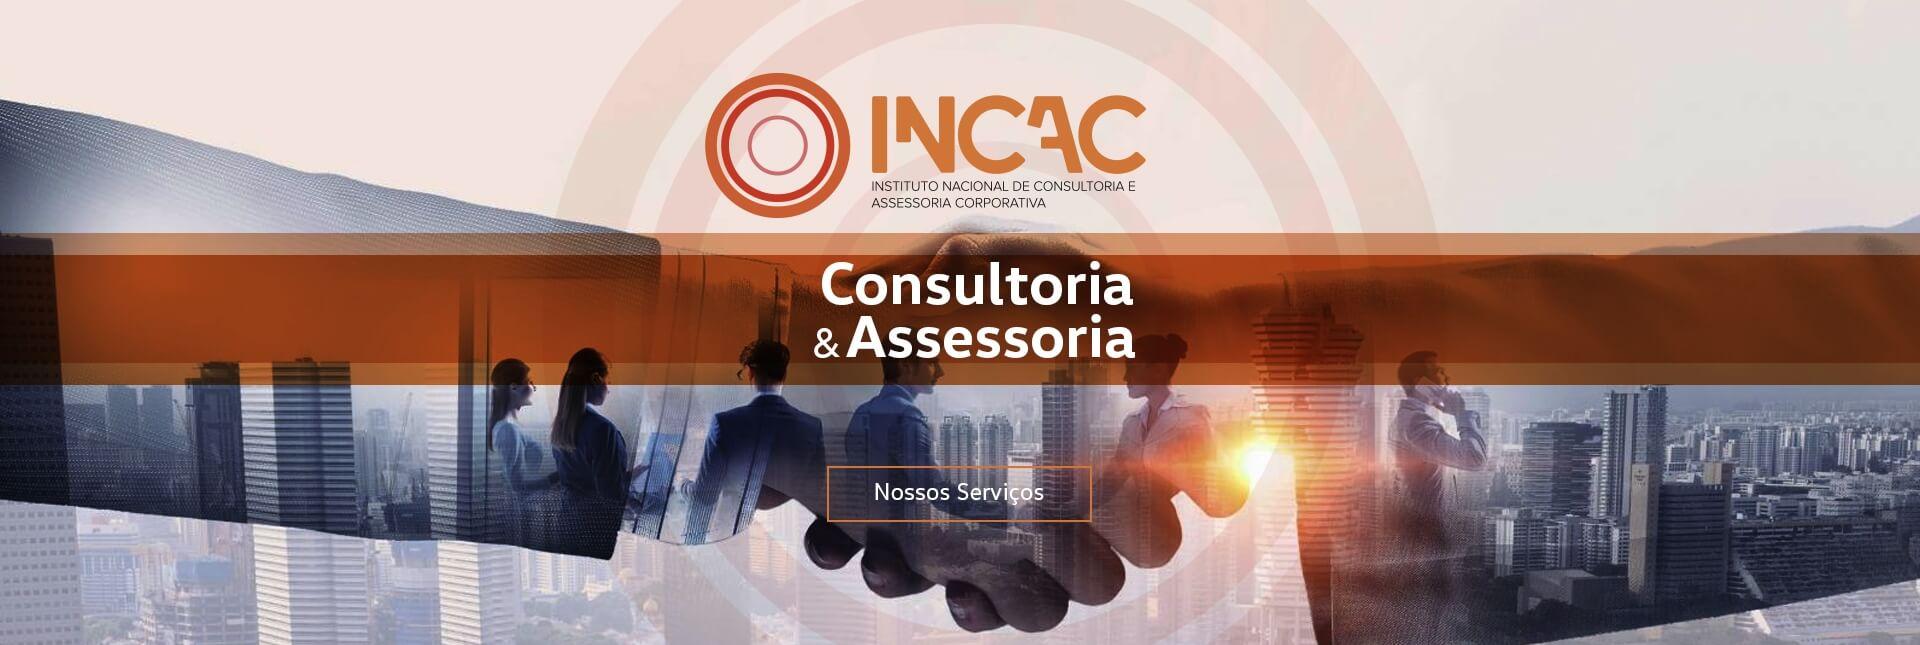 Consultoria_assessoria - INCAC  - Instituto Nacional de Consultoria e Acessoria Corporativa